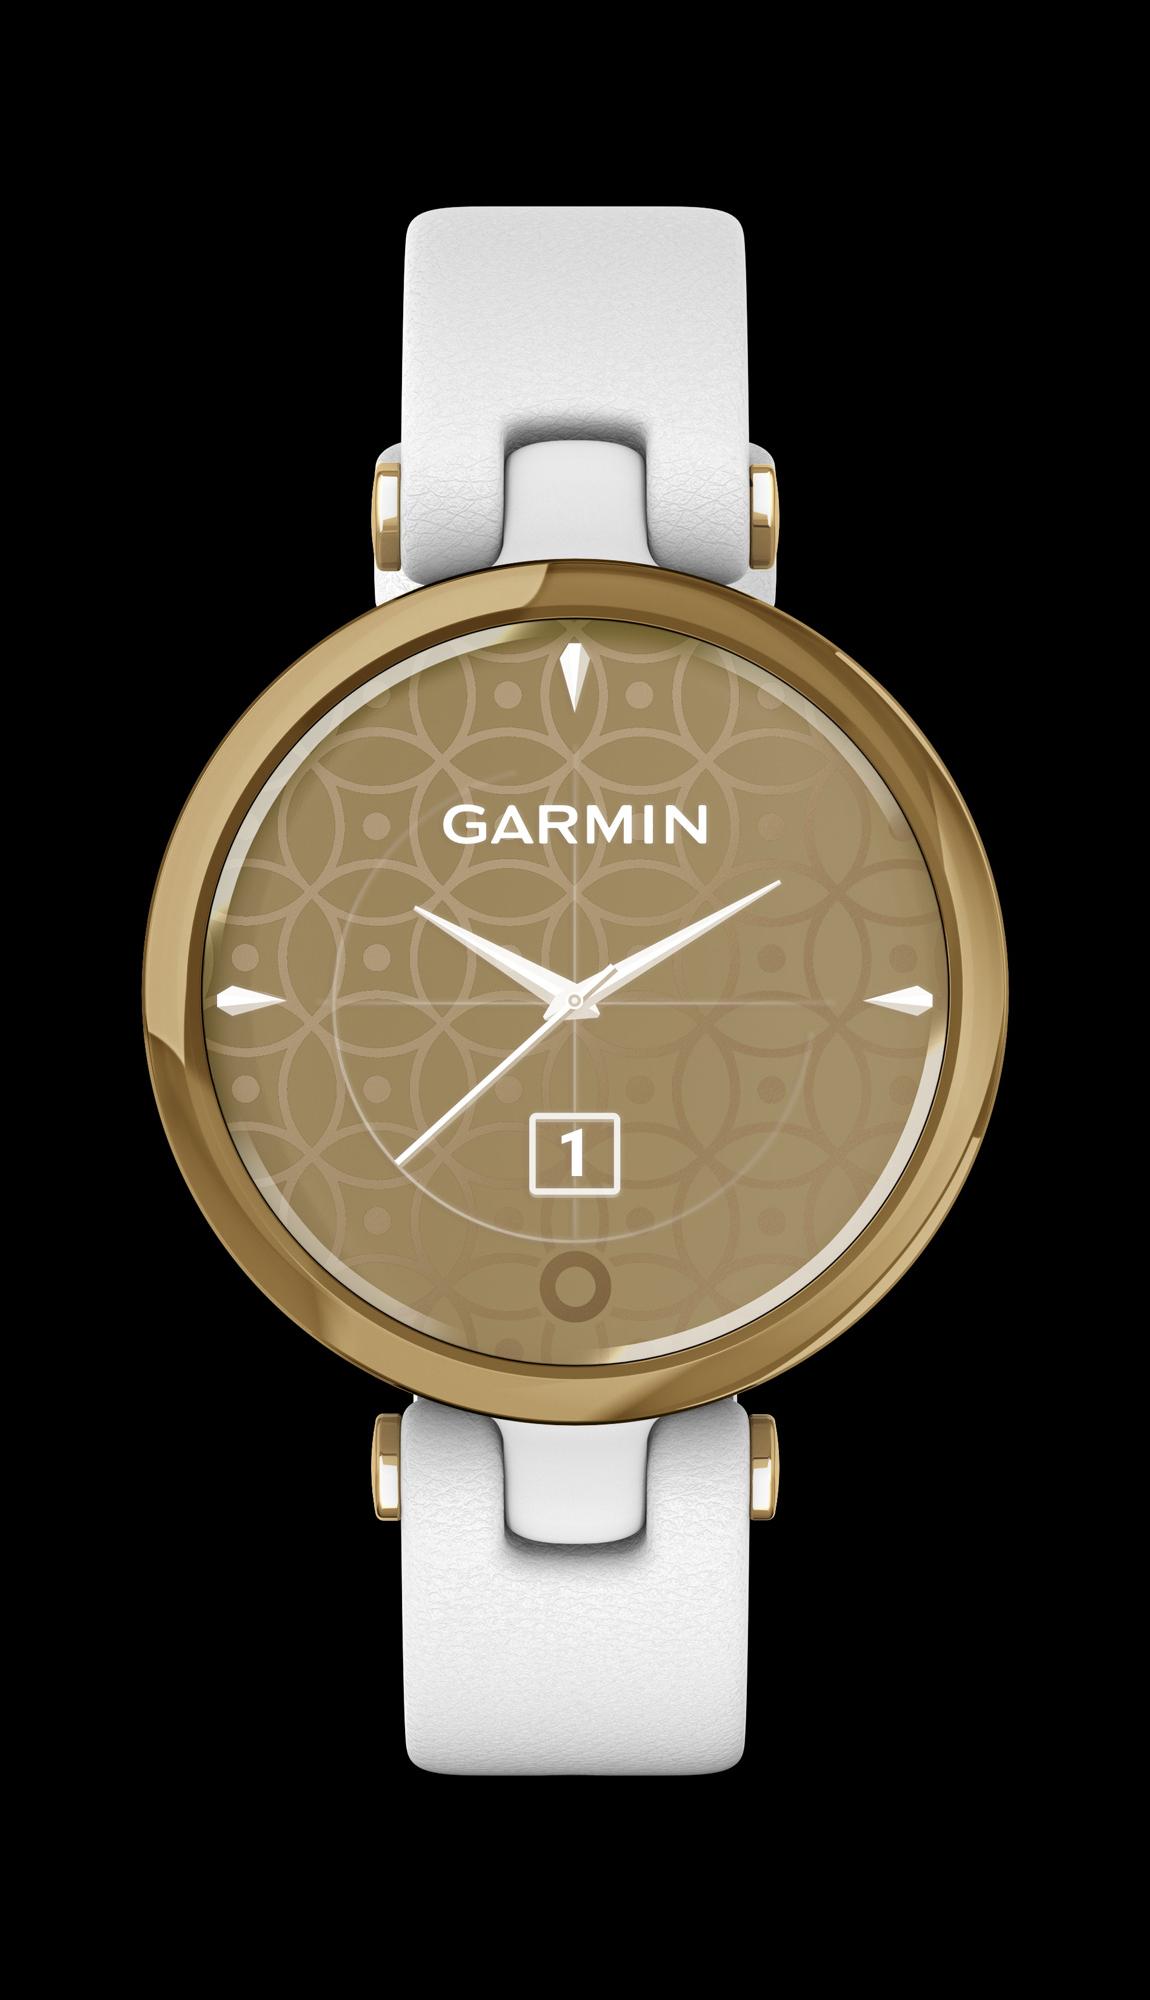 Garmin; Transformationsprozess; Lifestyle Branding